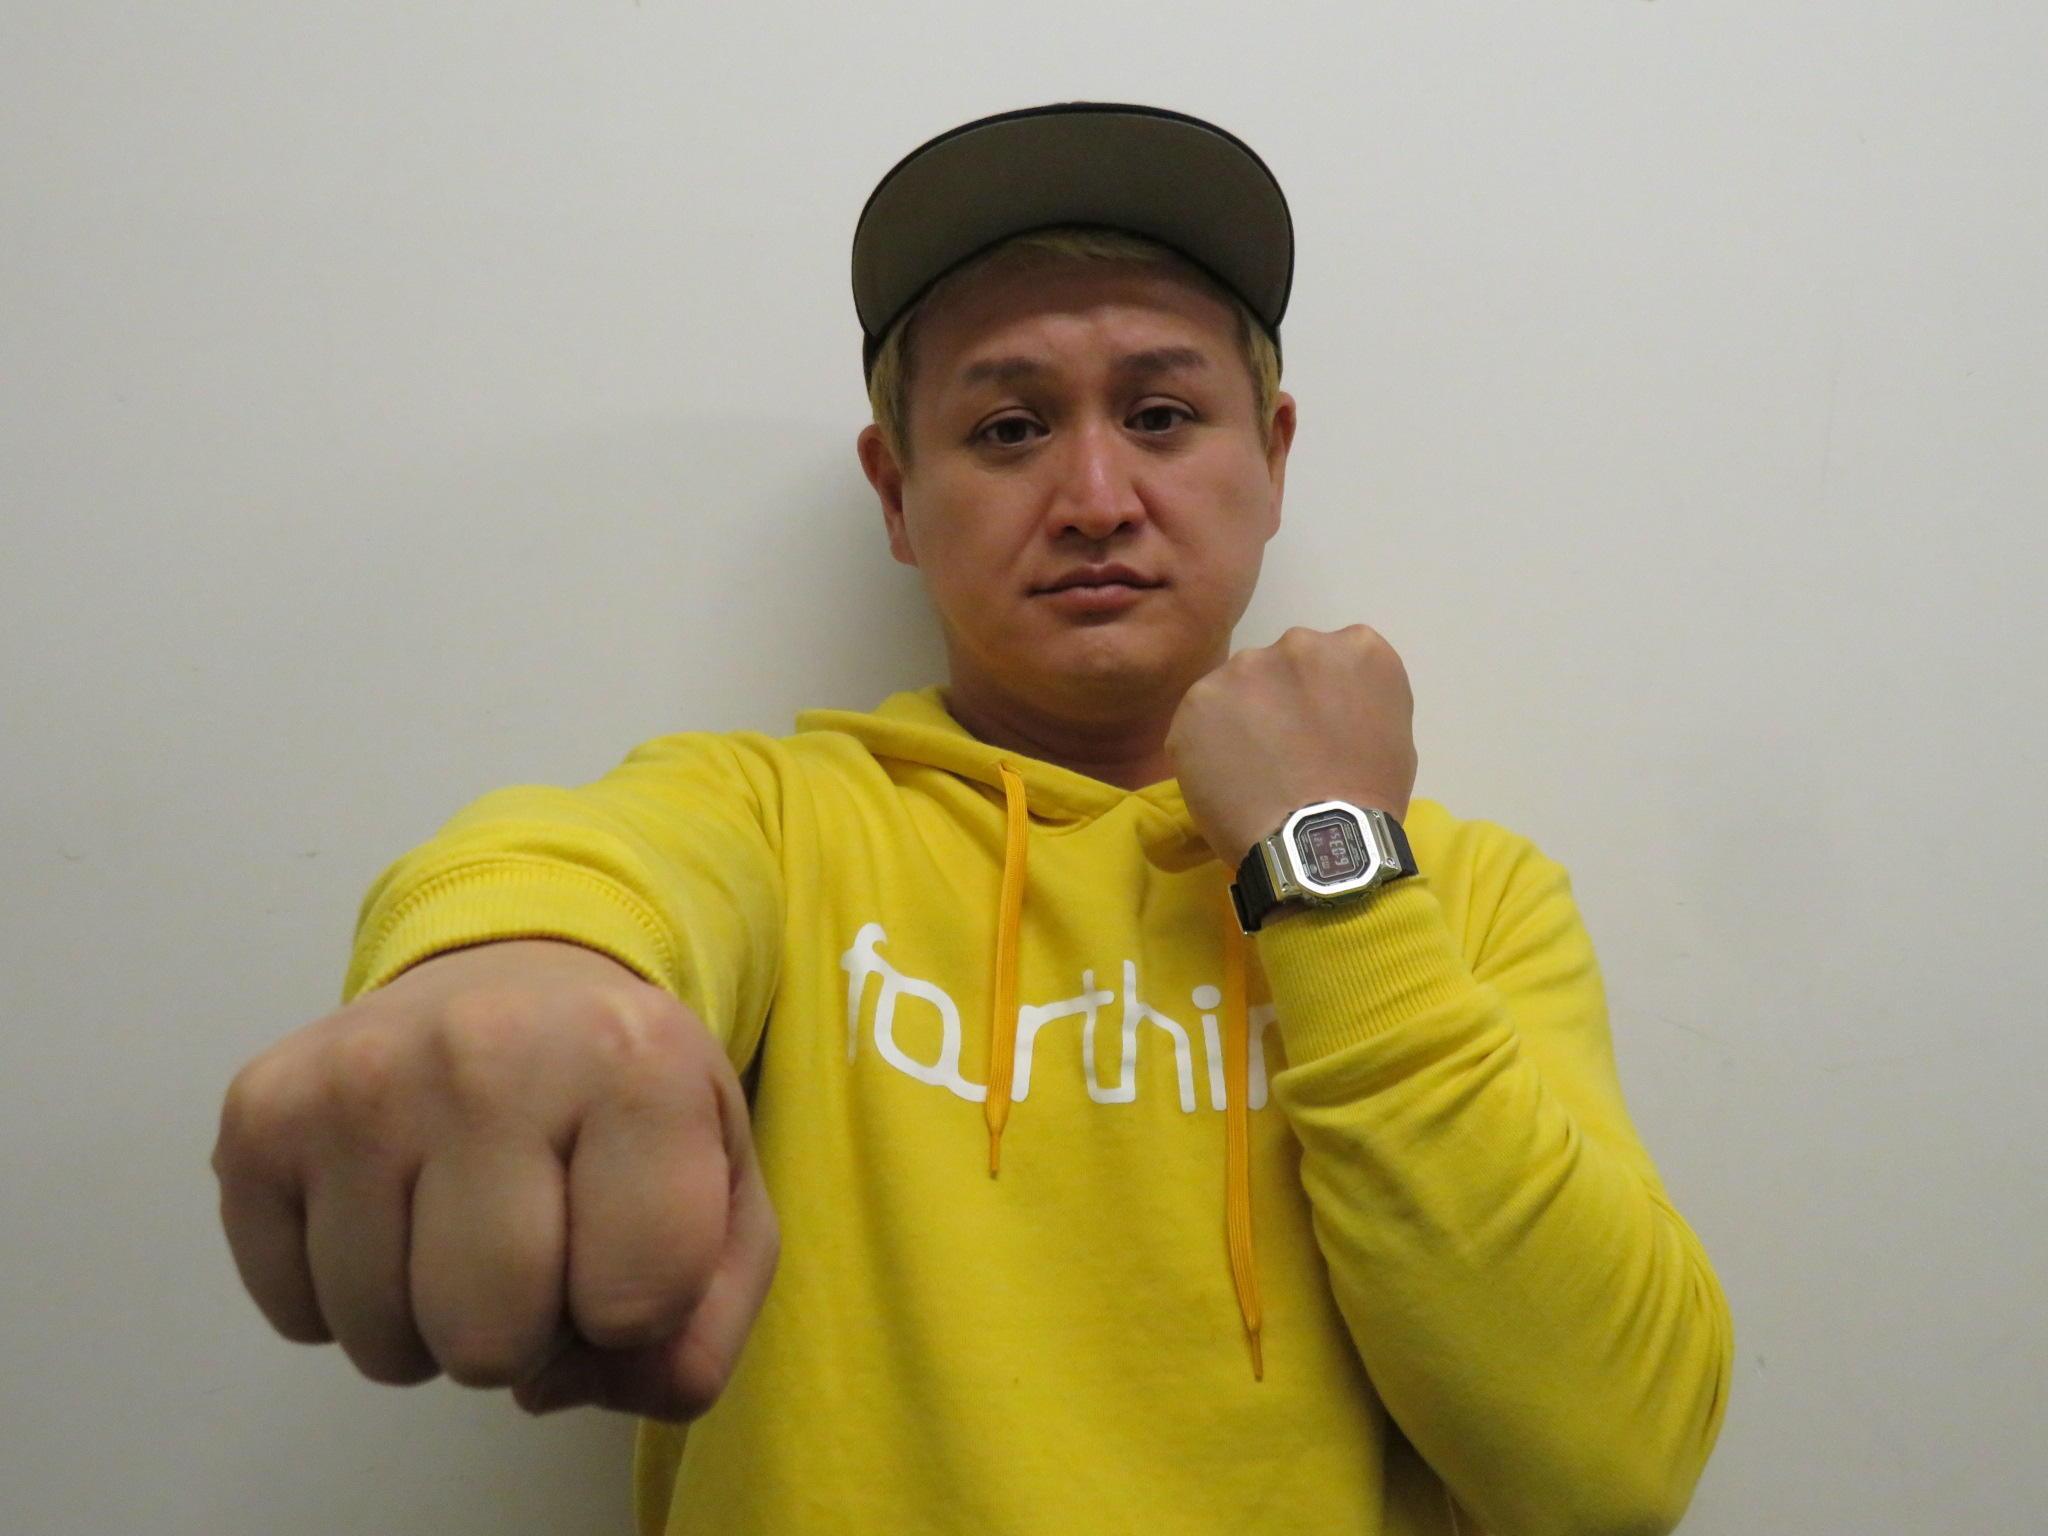 http://news.yoshimoto.co.jp/20190128134551-5d55a6987bc05aacef8fb3cfc648c7bb4177ab2d.jpg